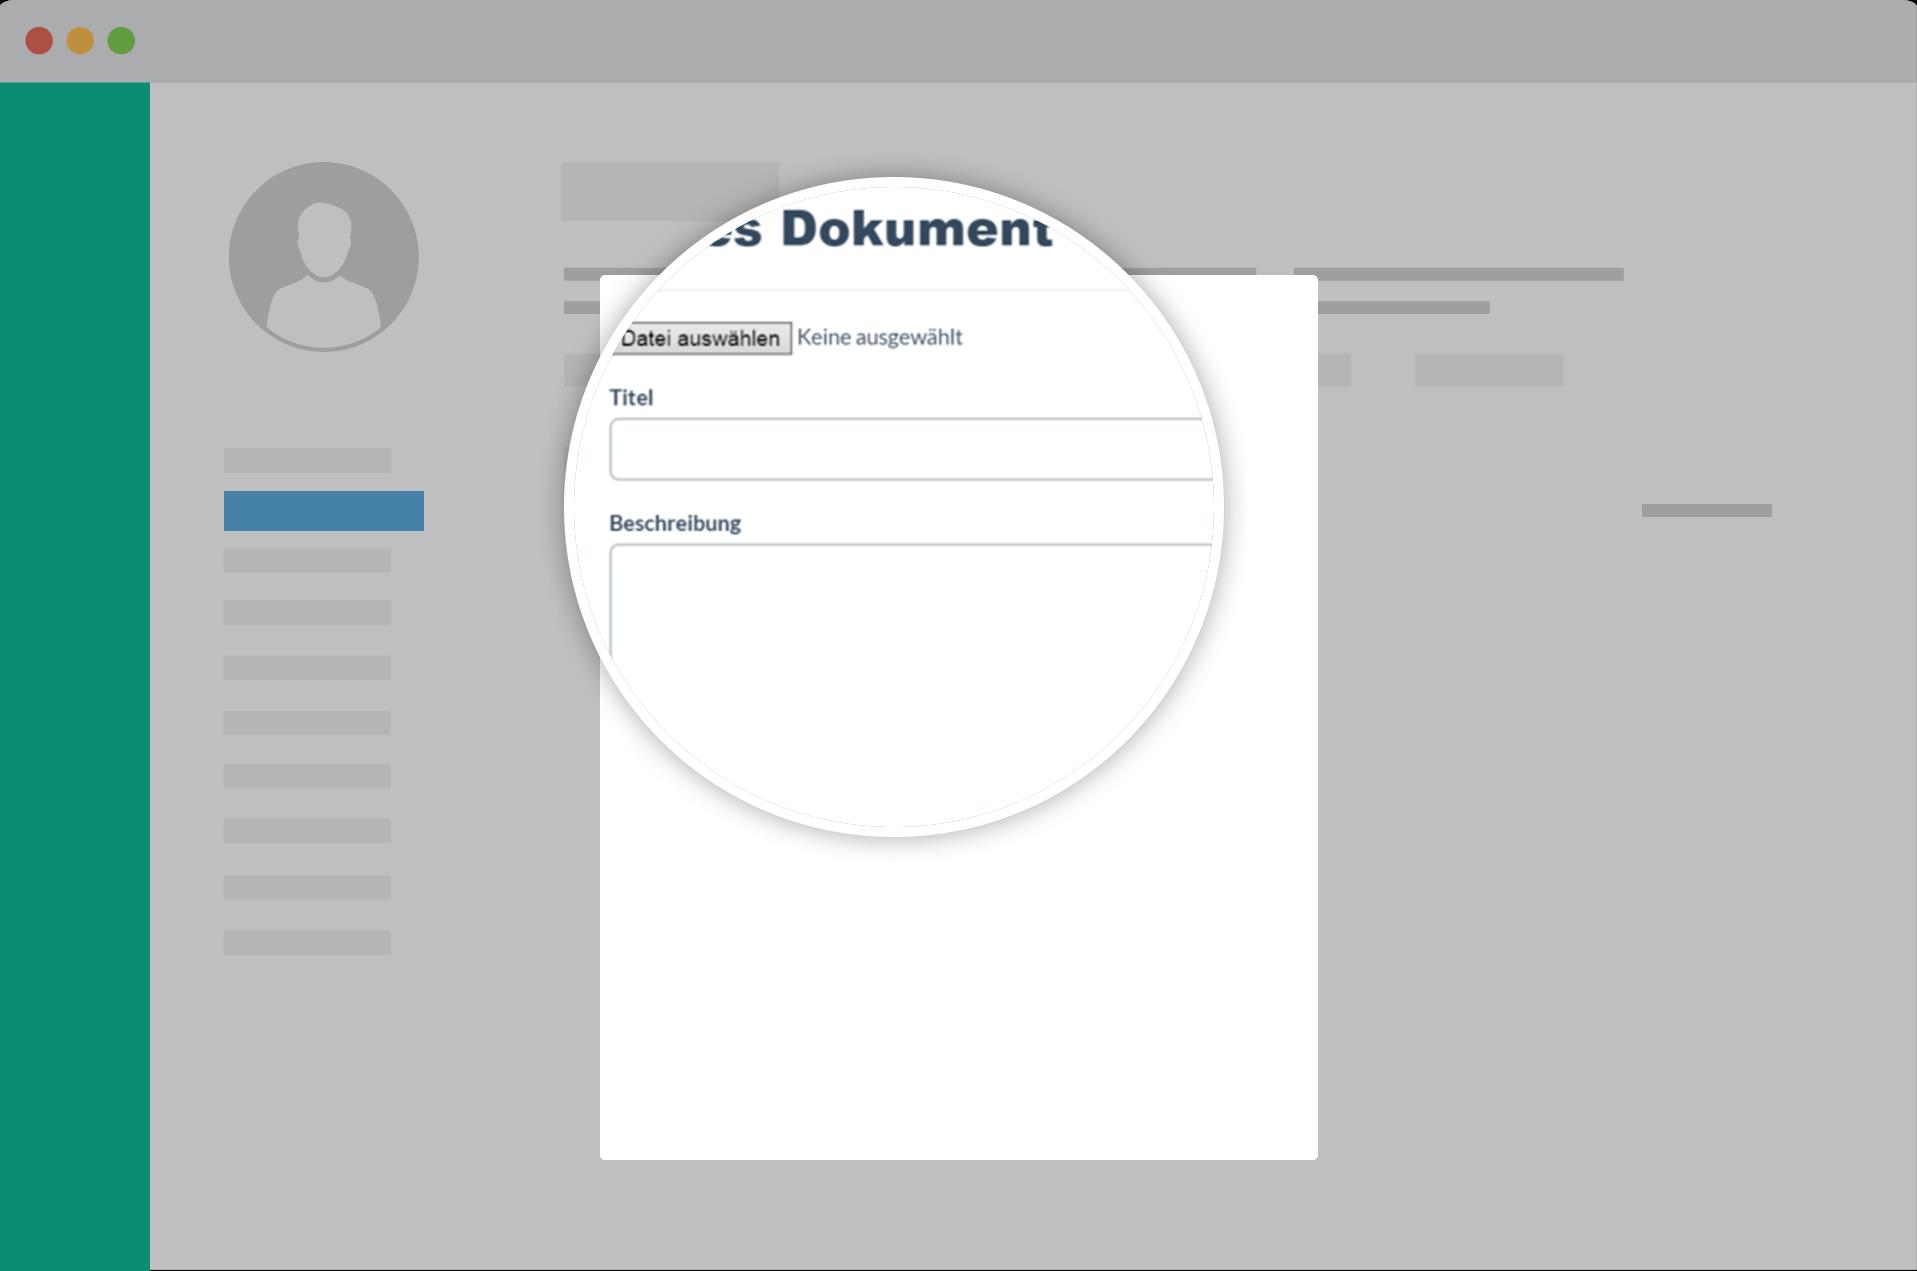 Verwalten Sie Dokumente ganz einfach mit Papershift